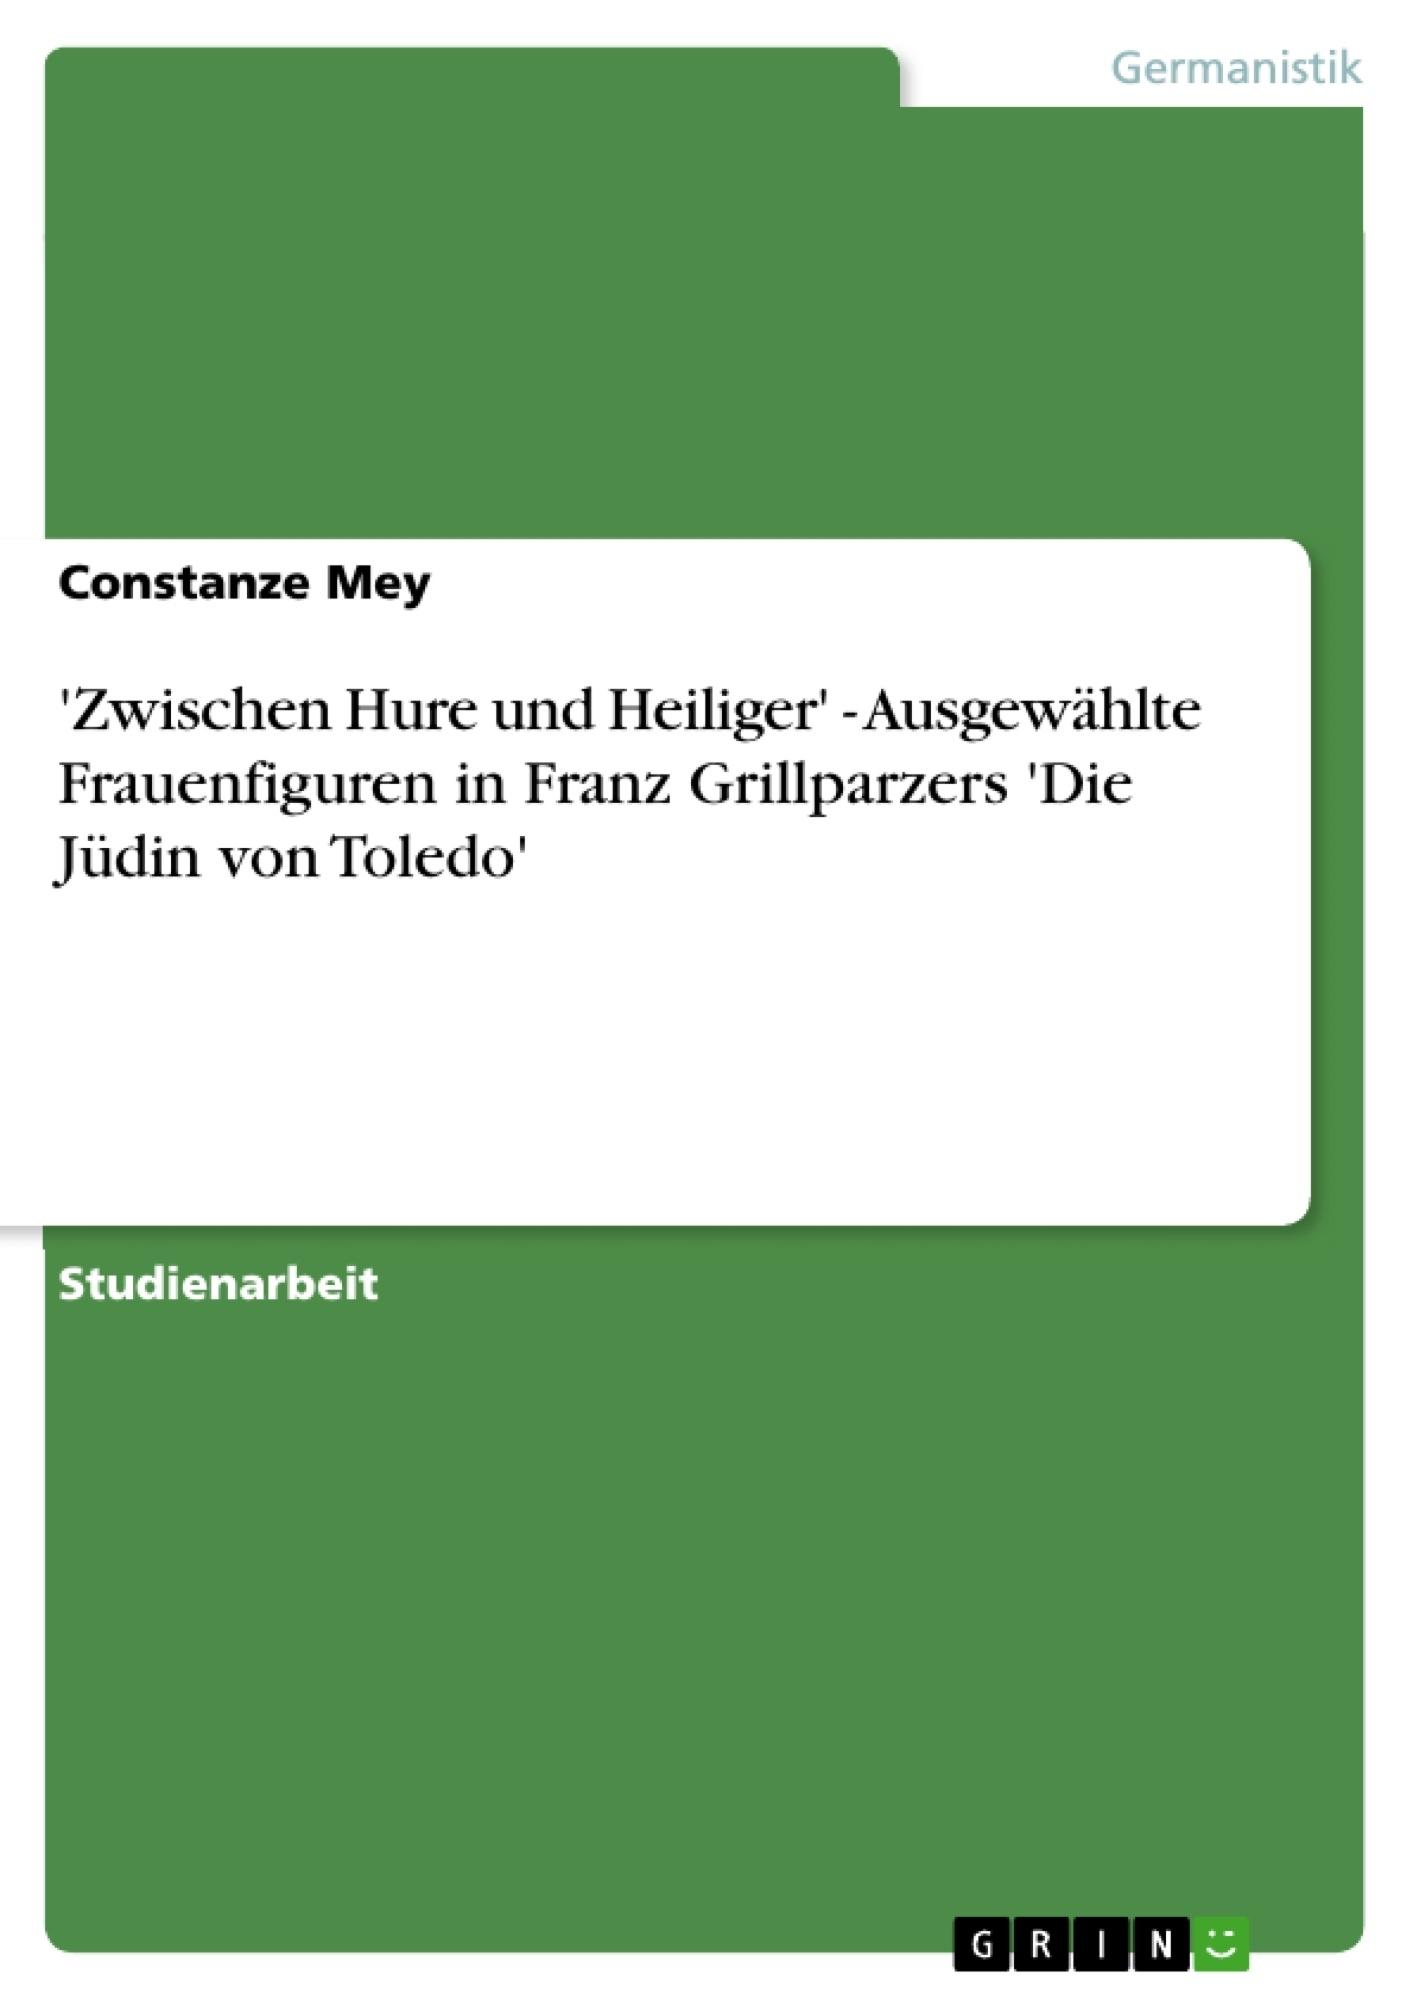 Titel: 'Zwischen Hure und Heiliger' - Ausgewählte Frauenfiguren in Franz Grillparzers 'Die Jüdin von Toledo'